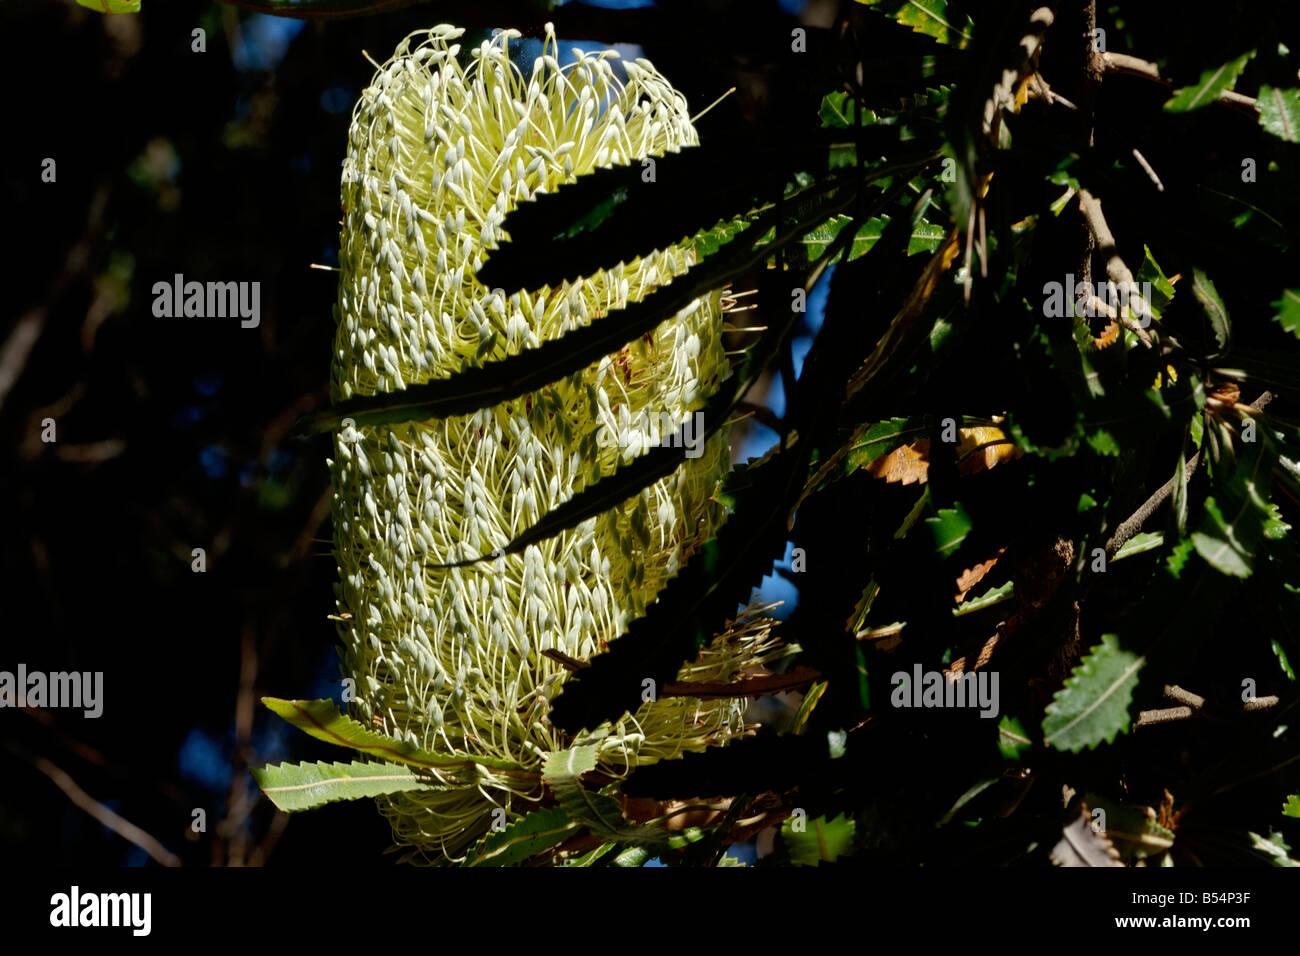 Sunlit stem of Banksia florets, Noosa National Park, Queensland - Stock Image